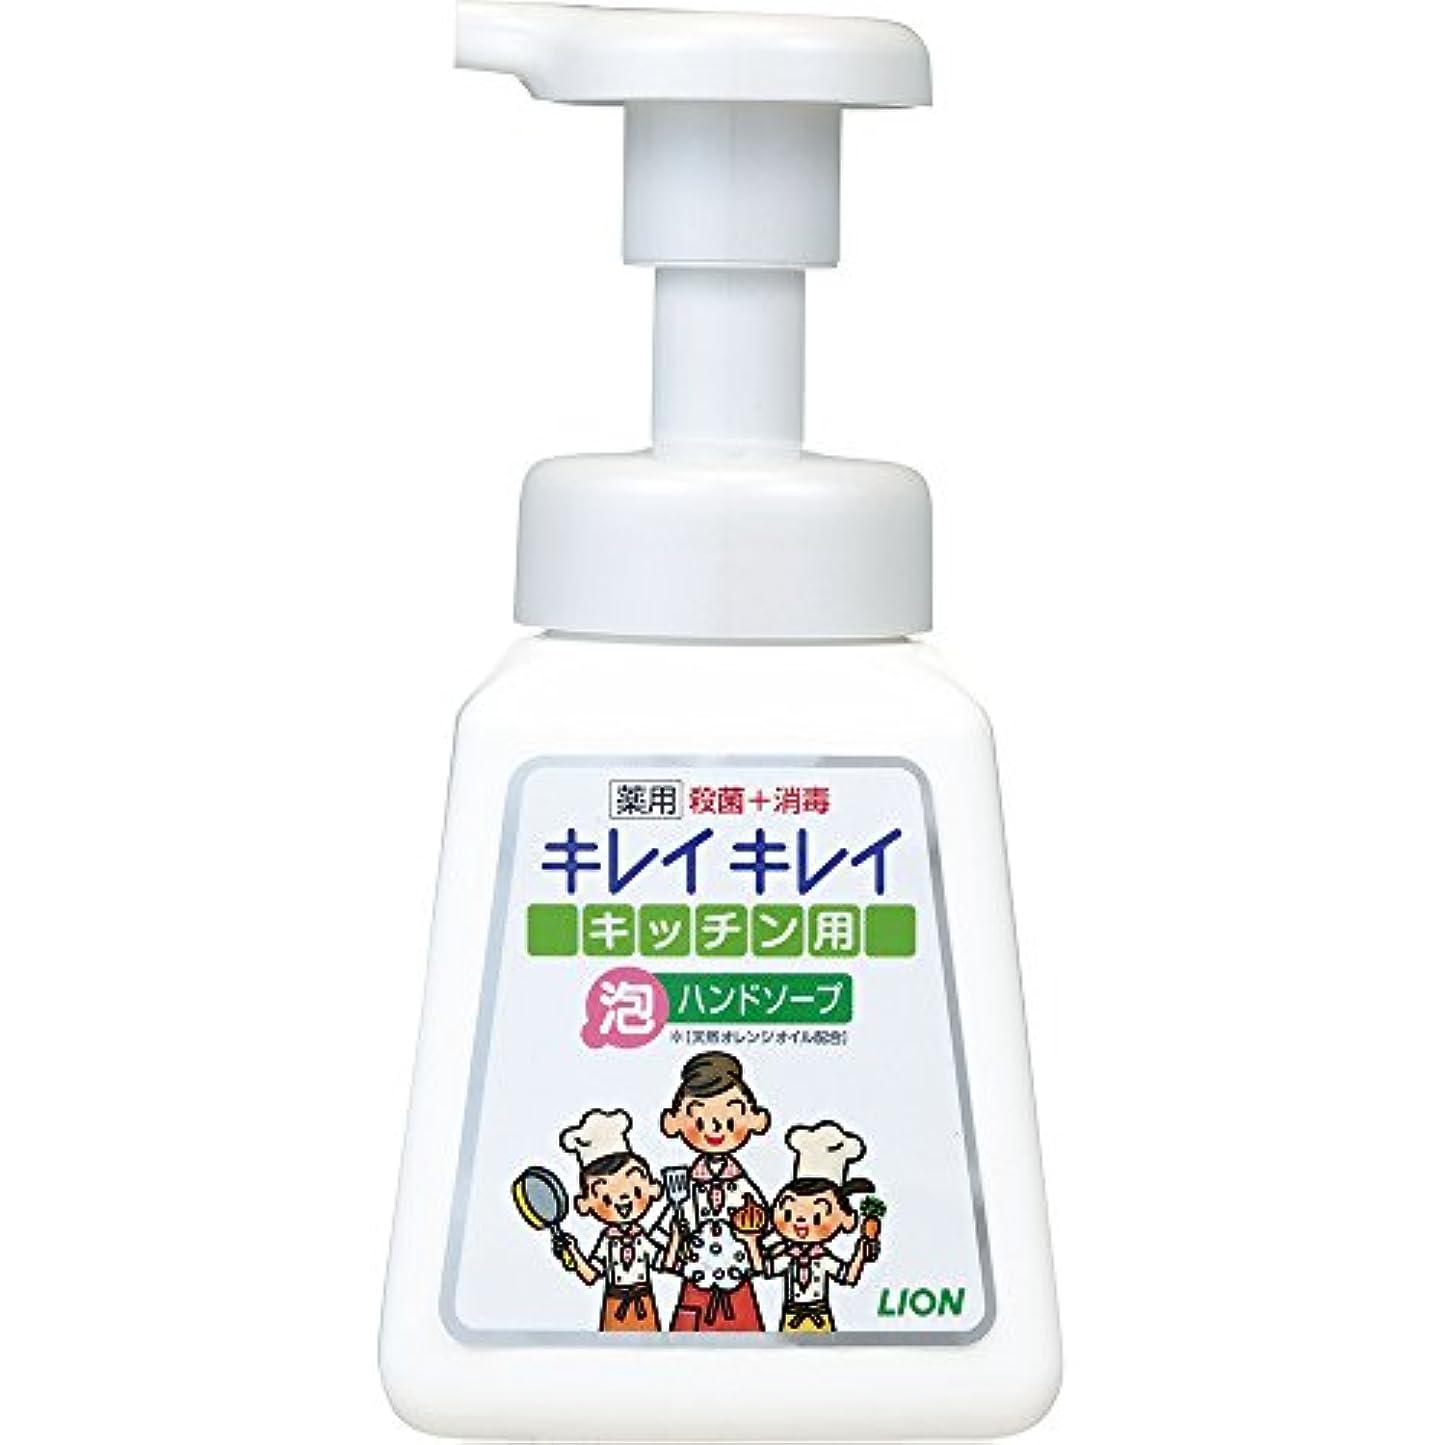 【医薬部外品】キレイキレイ 薬用キッチン泡ハンドソープ 本体ポンプ 230ml